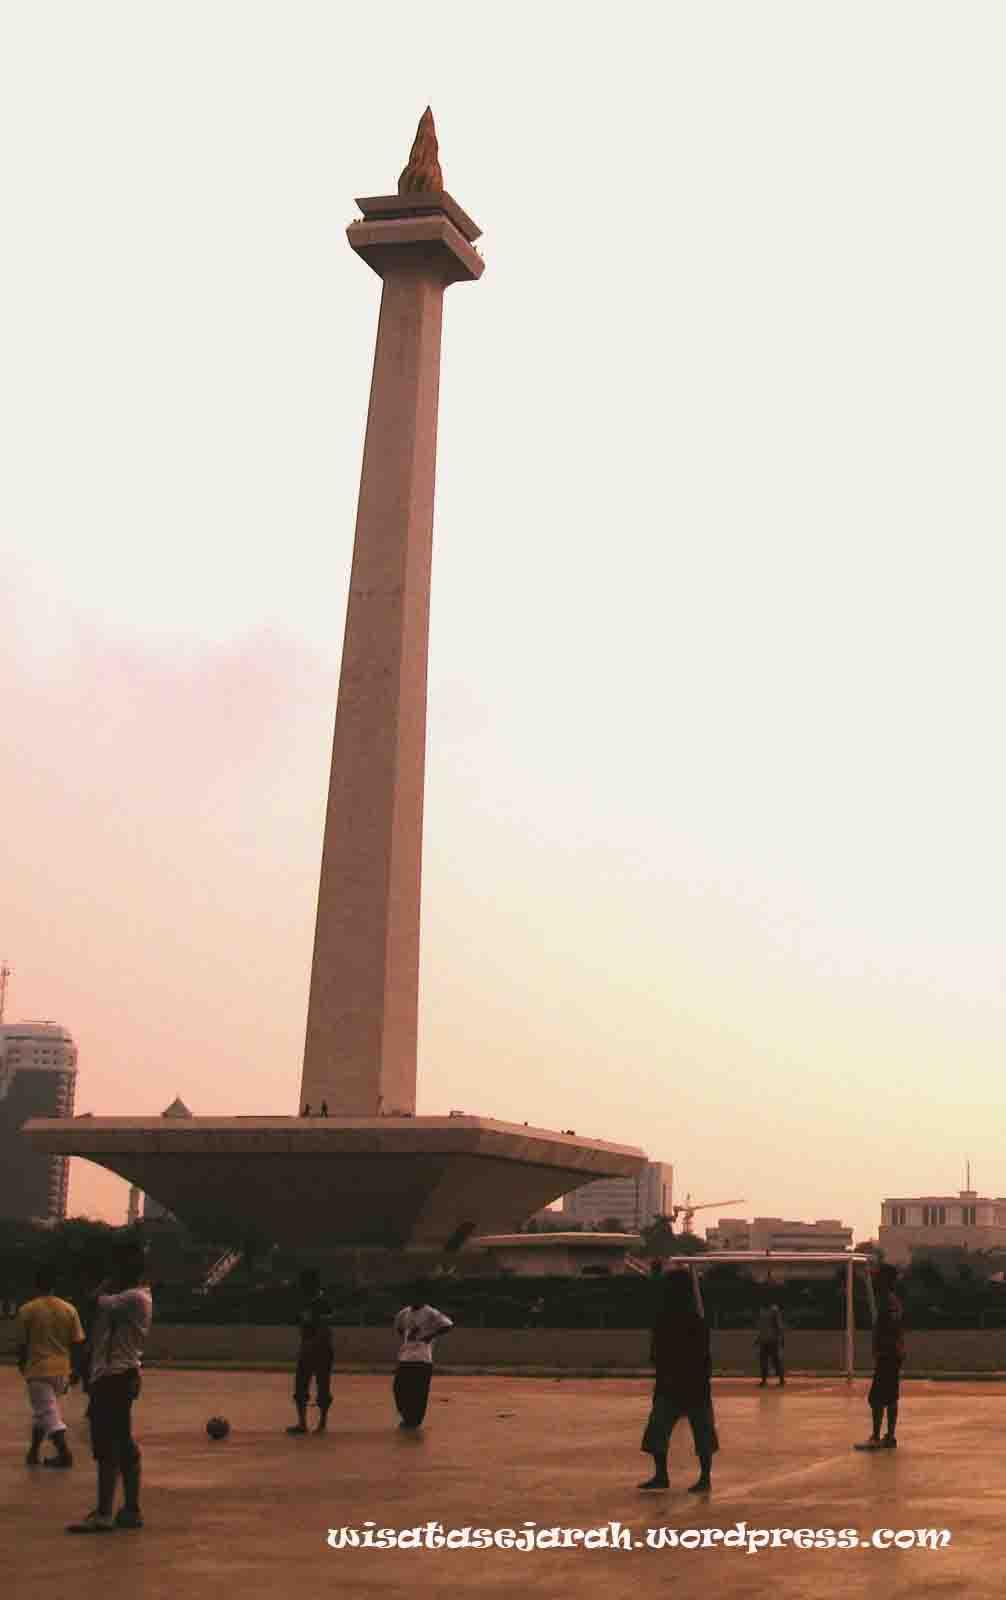 Monumen Nasional Wisata Sejarah Indonesia Didirikan Tanggal 17 Agustus 1961